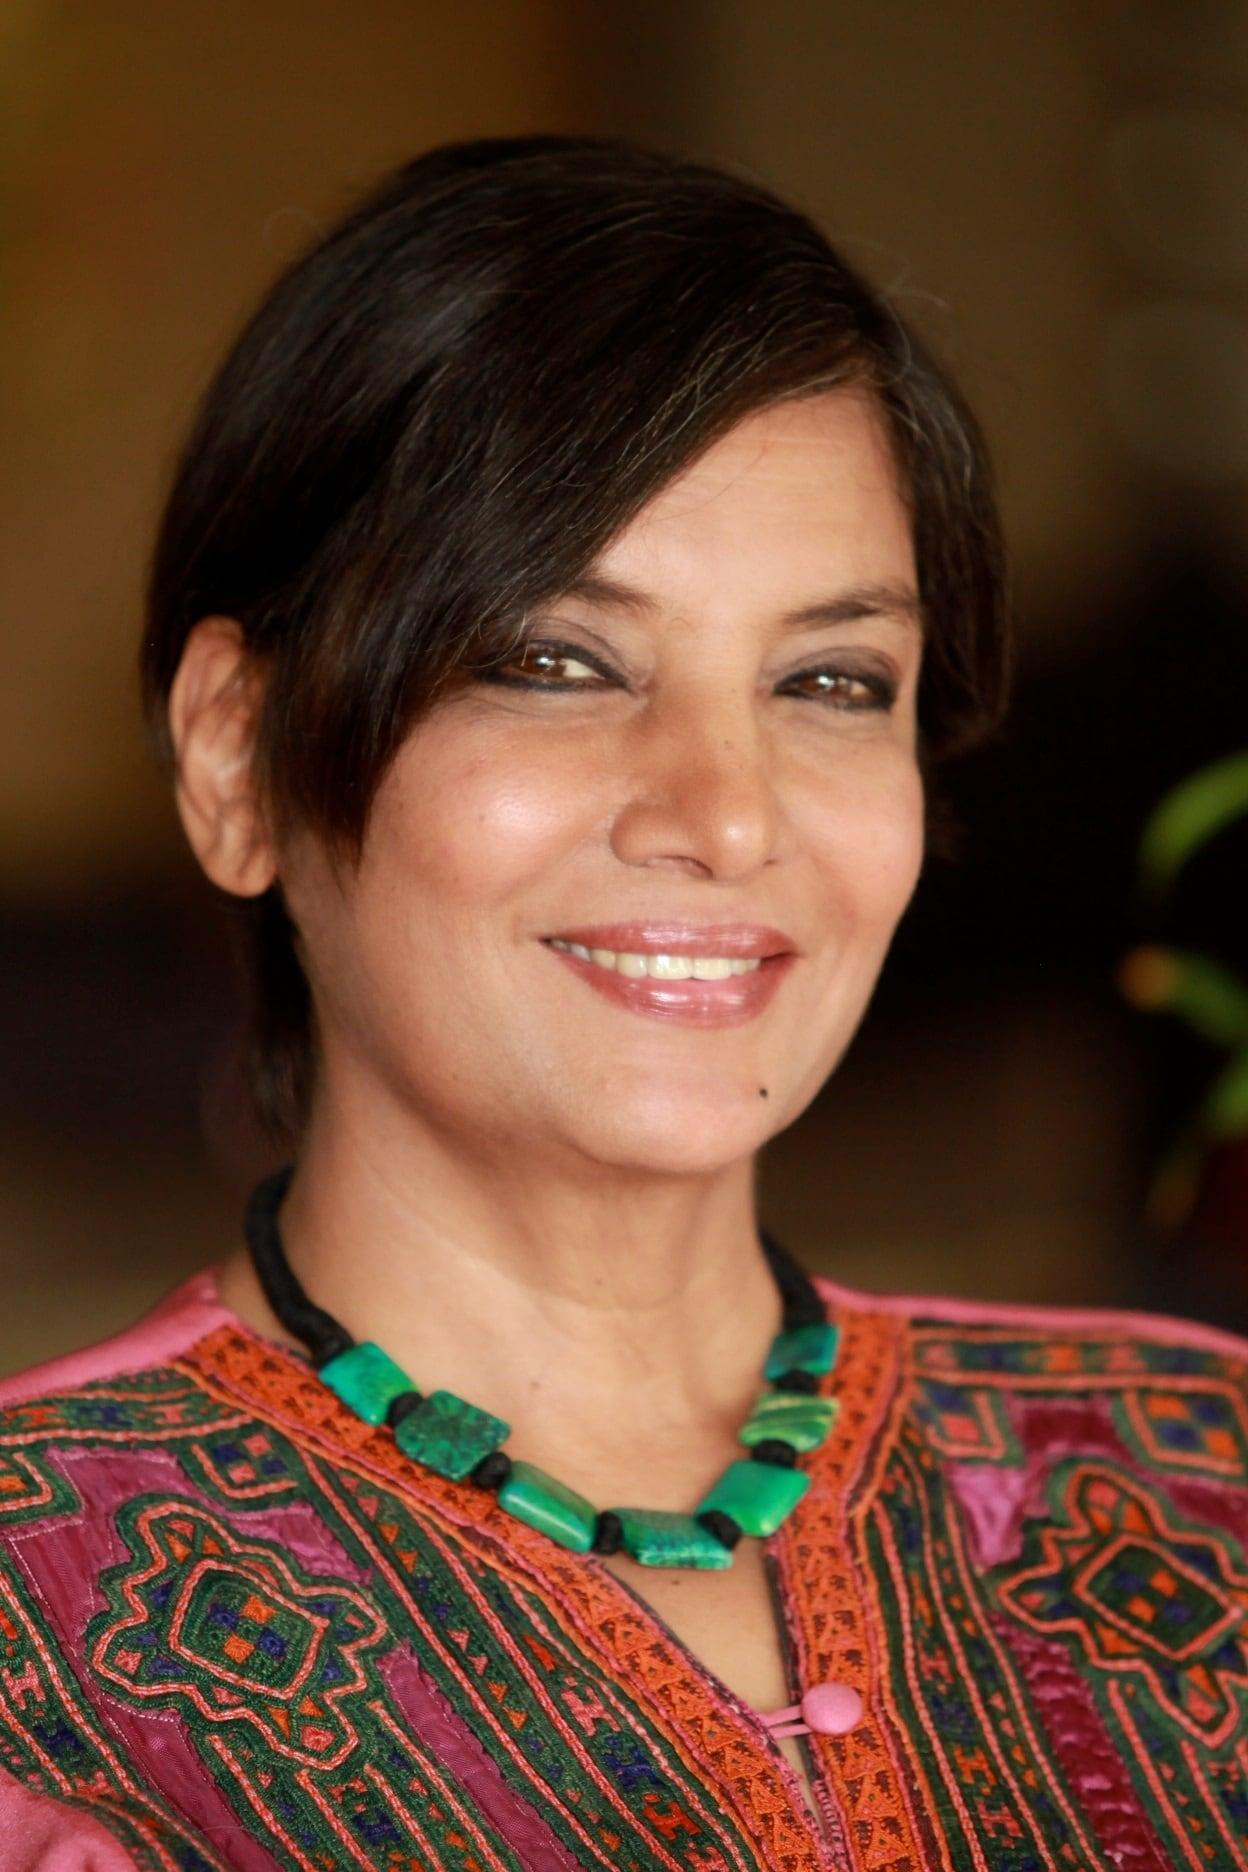 Shabana Azmi - Profile Images — The Movie Database (TMDb)